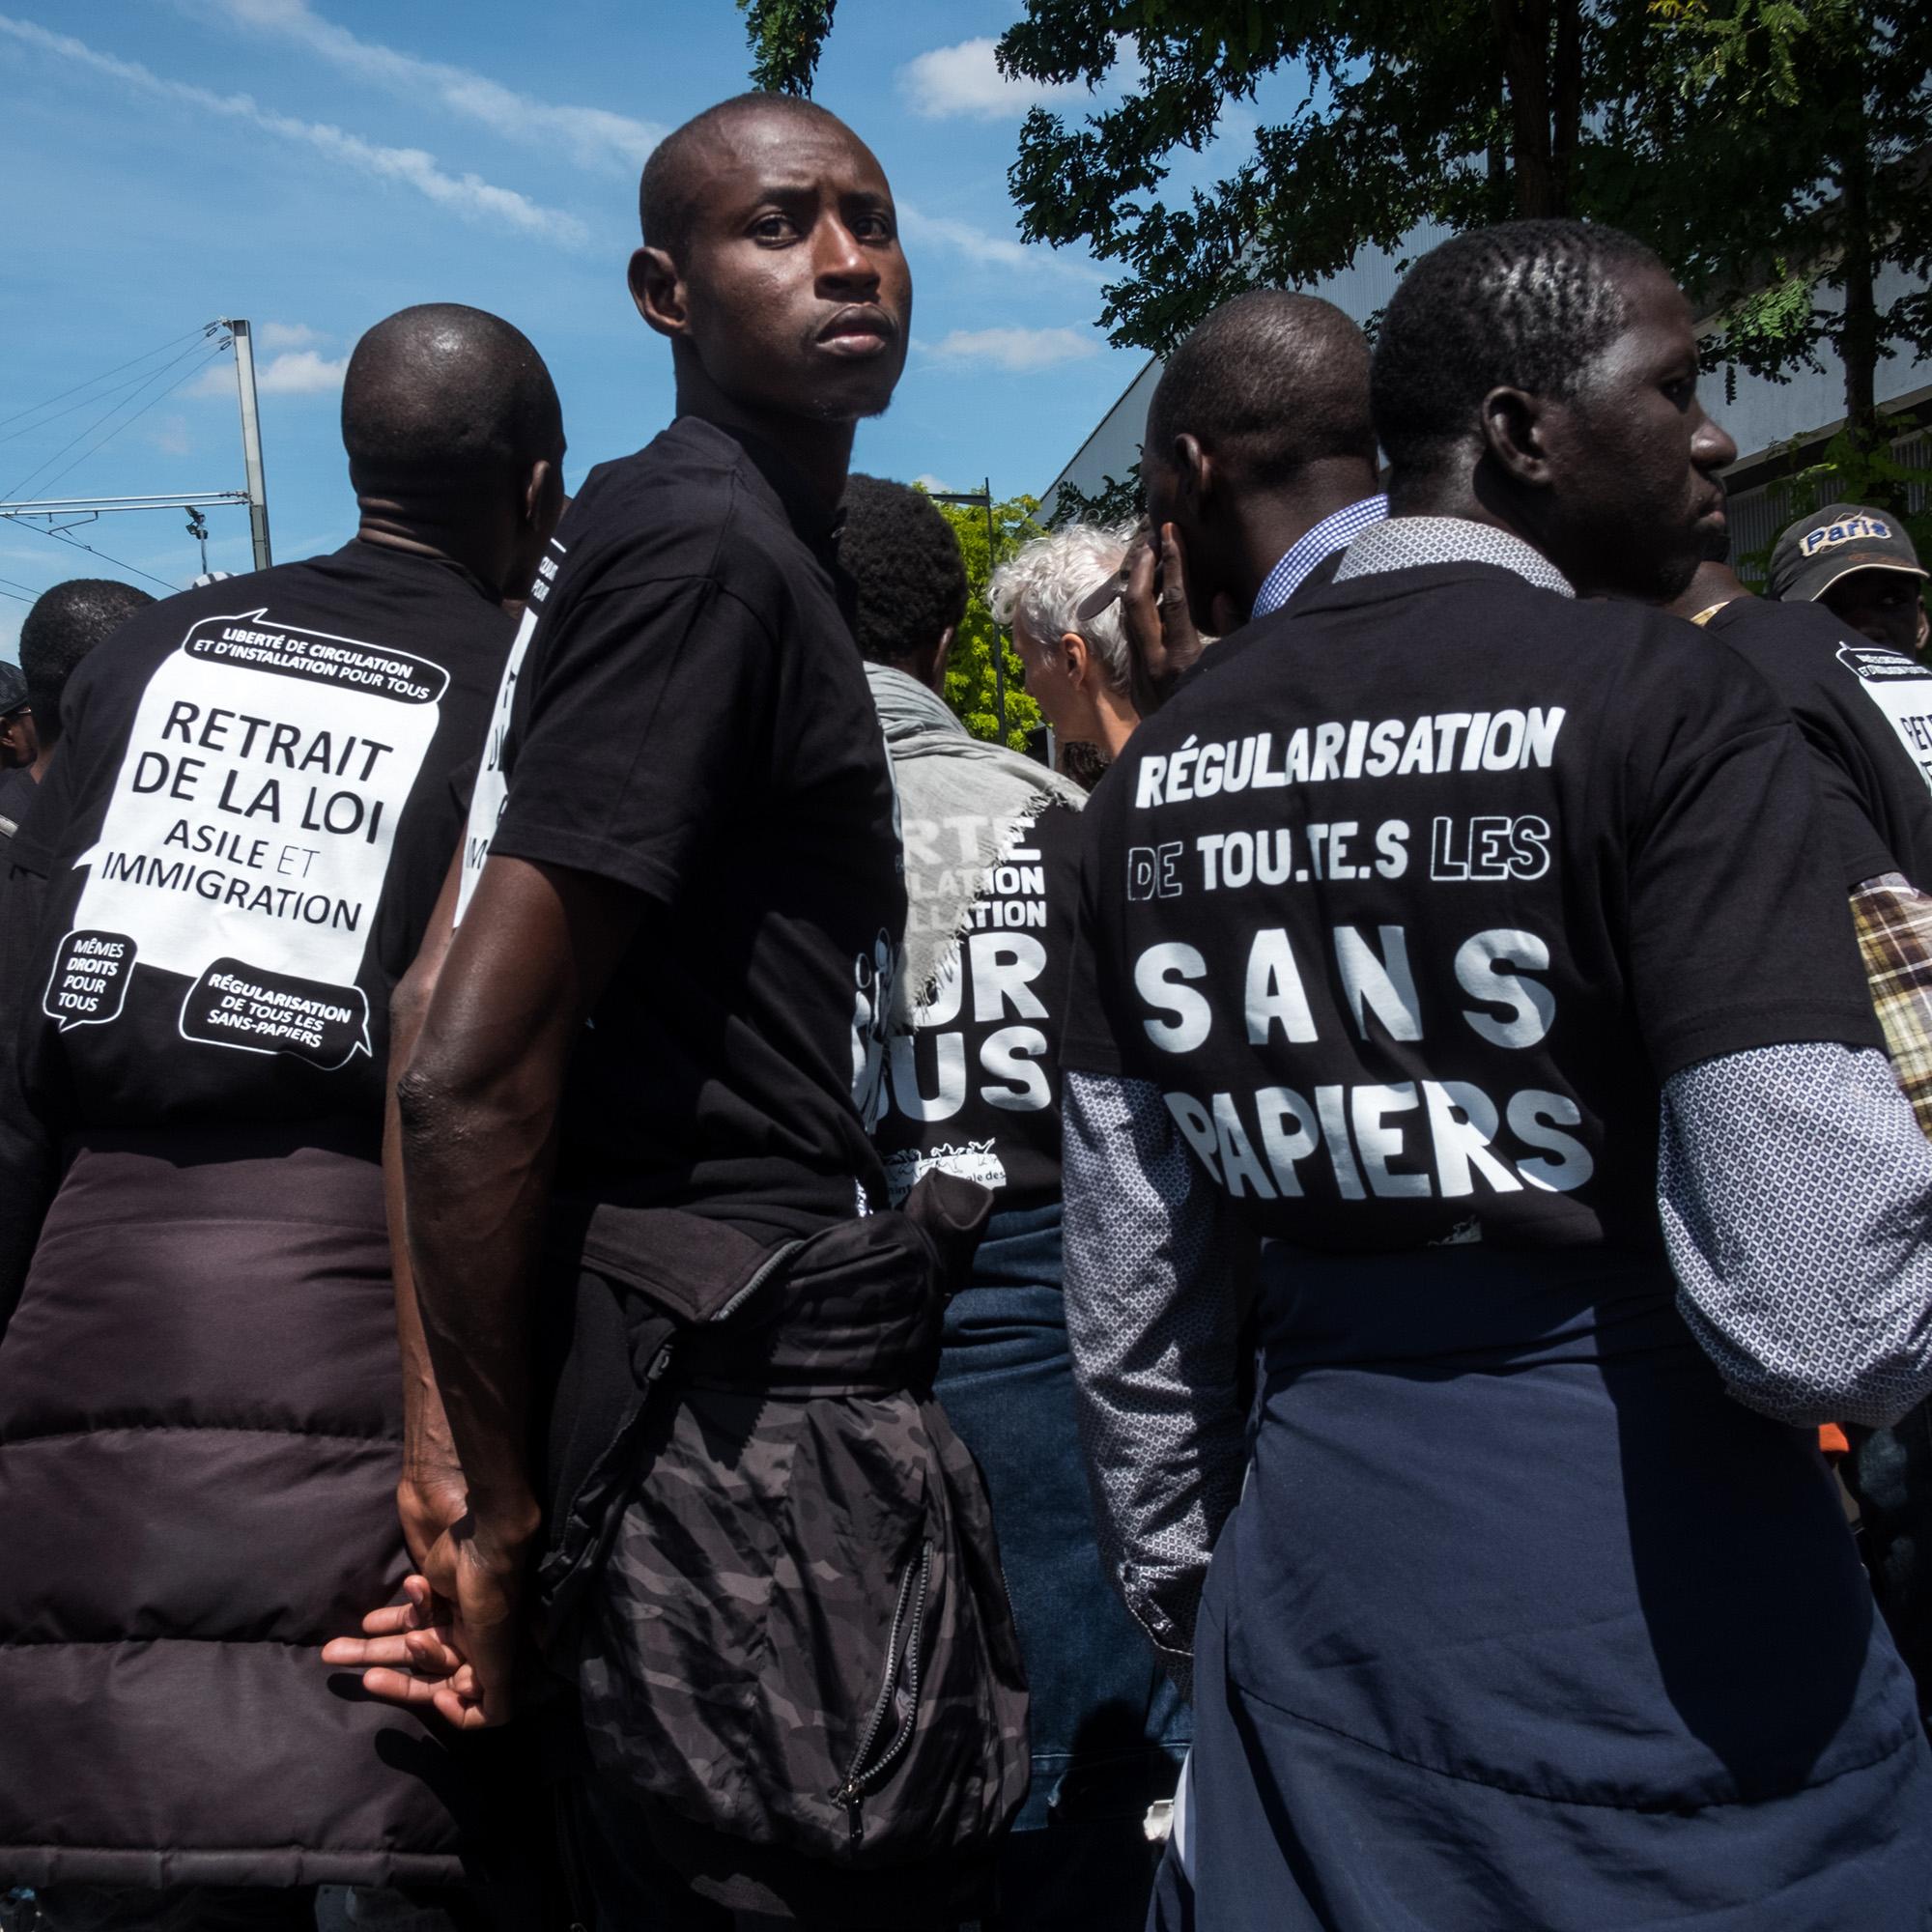 Marche Solidaire pour les migrant(e)s